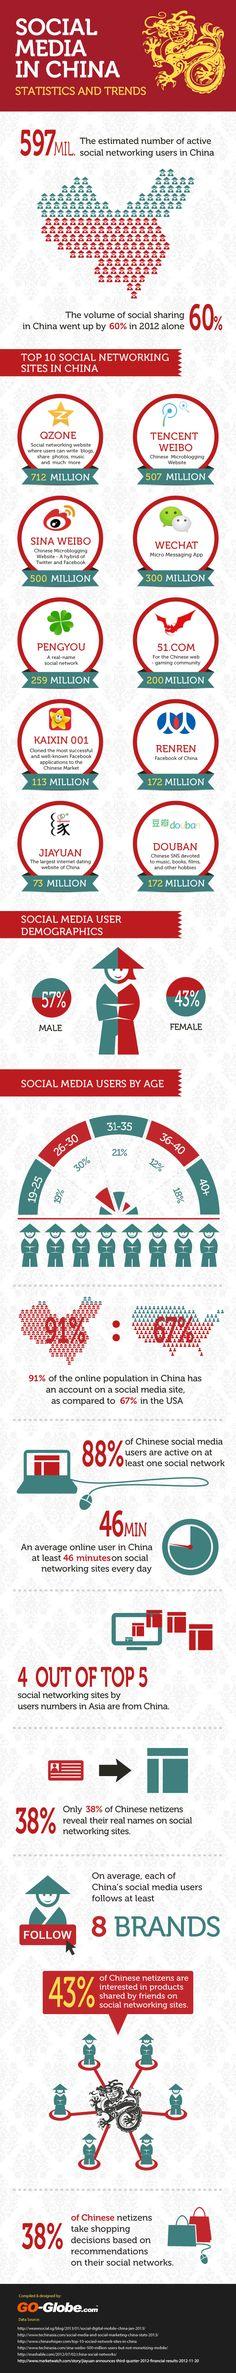 27 estatísticas, gráficos e tendências sobre mídias sociais na China